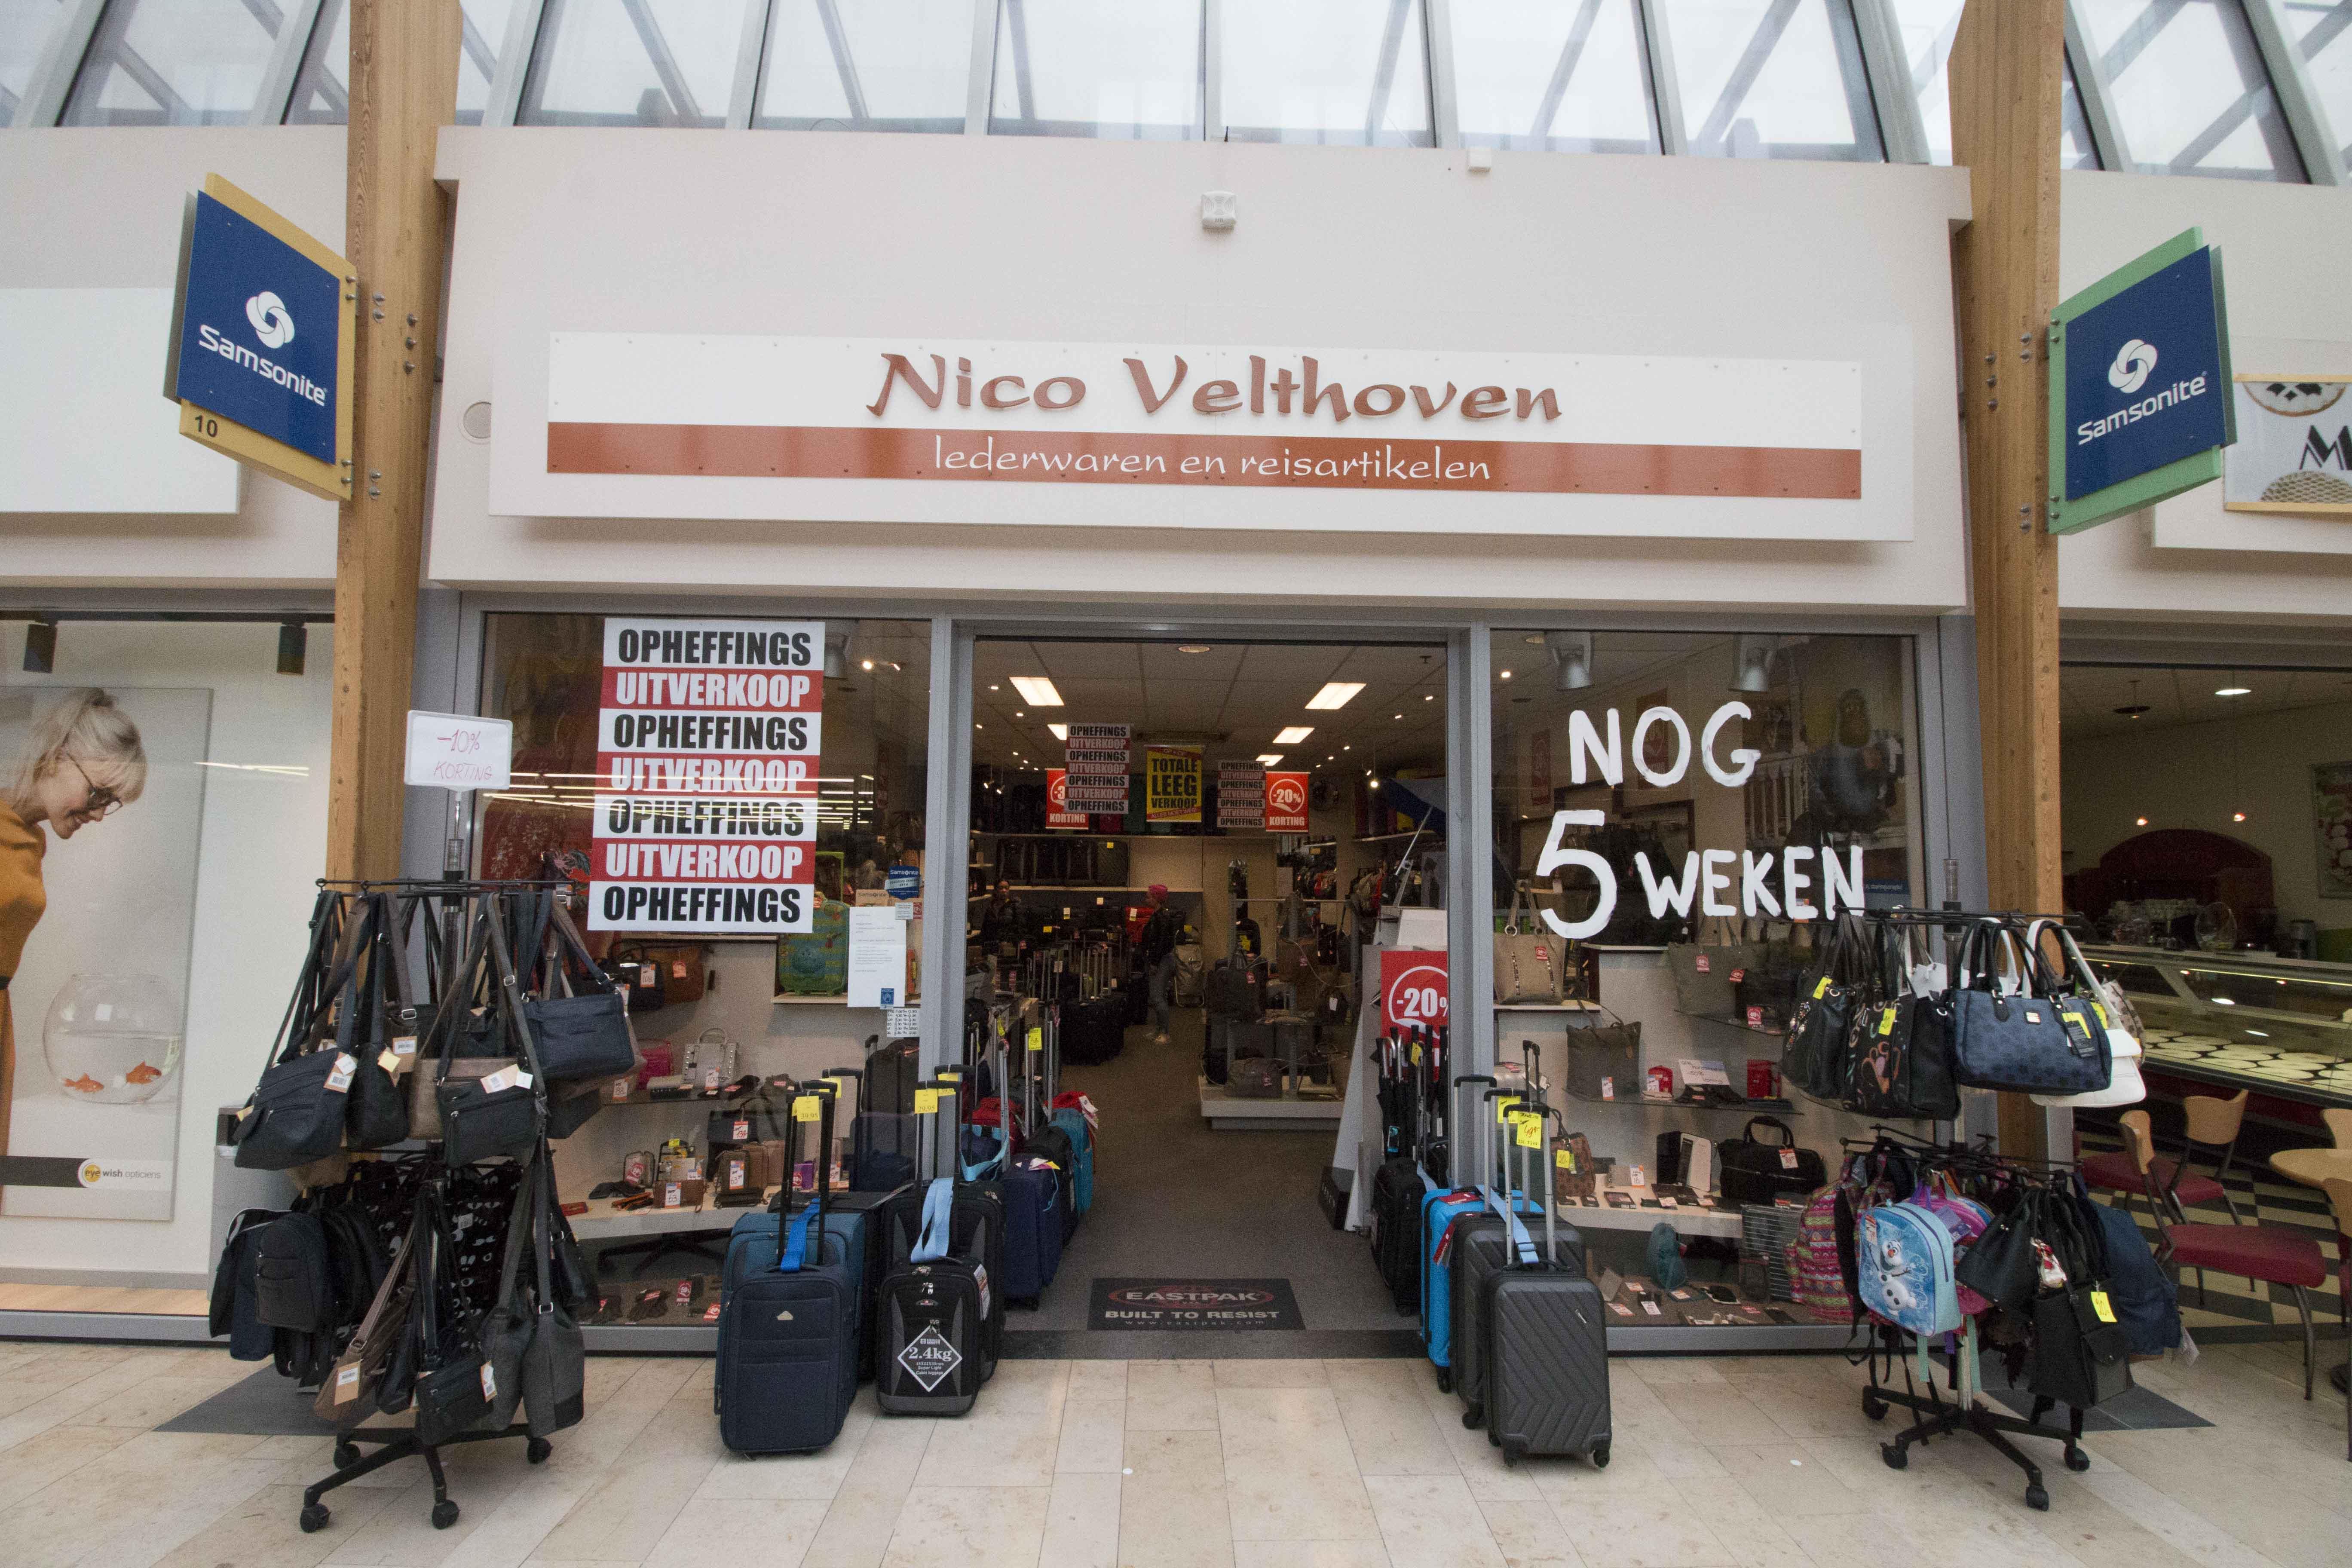 Nico Velthoven